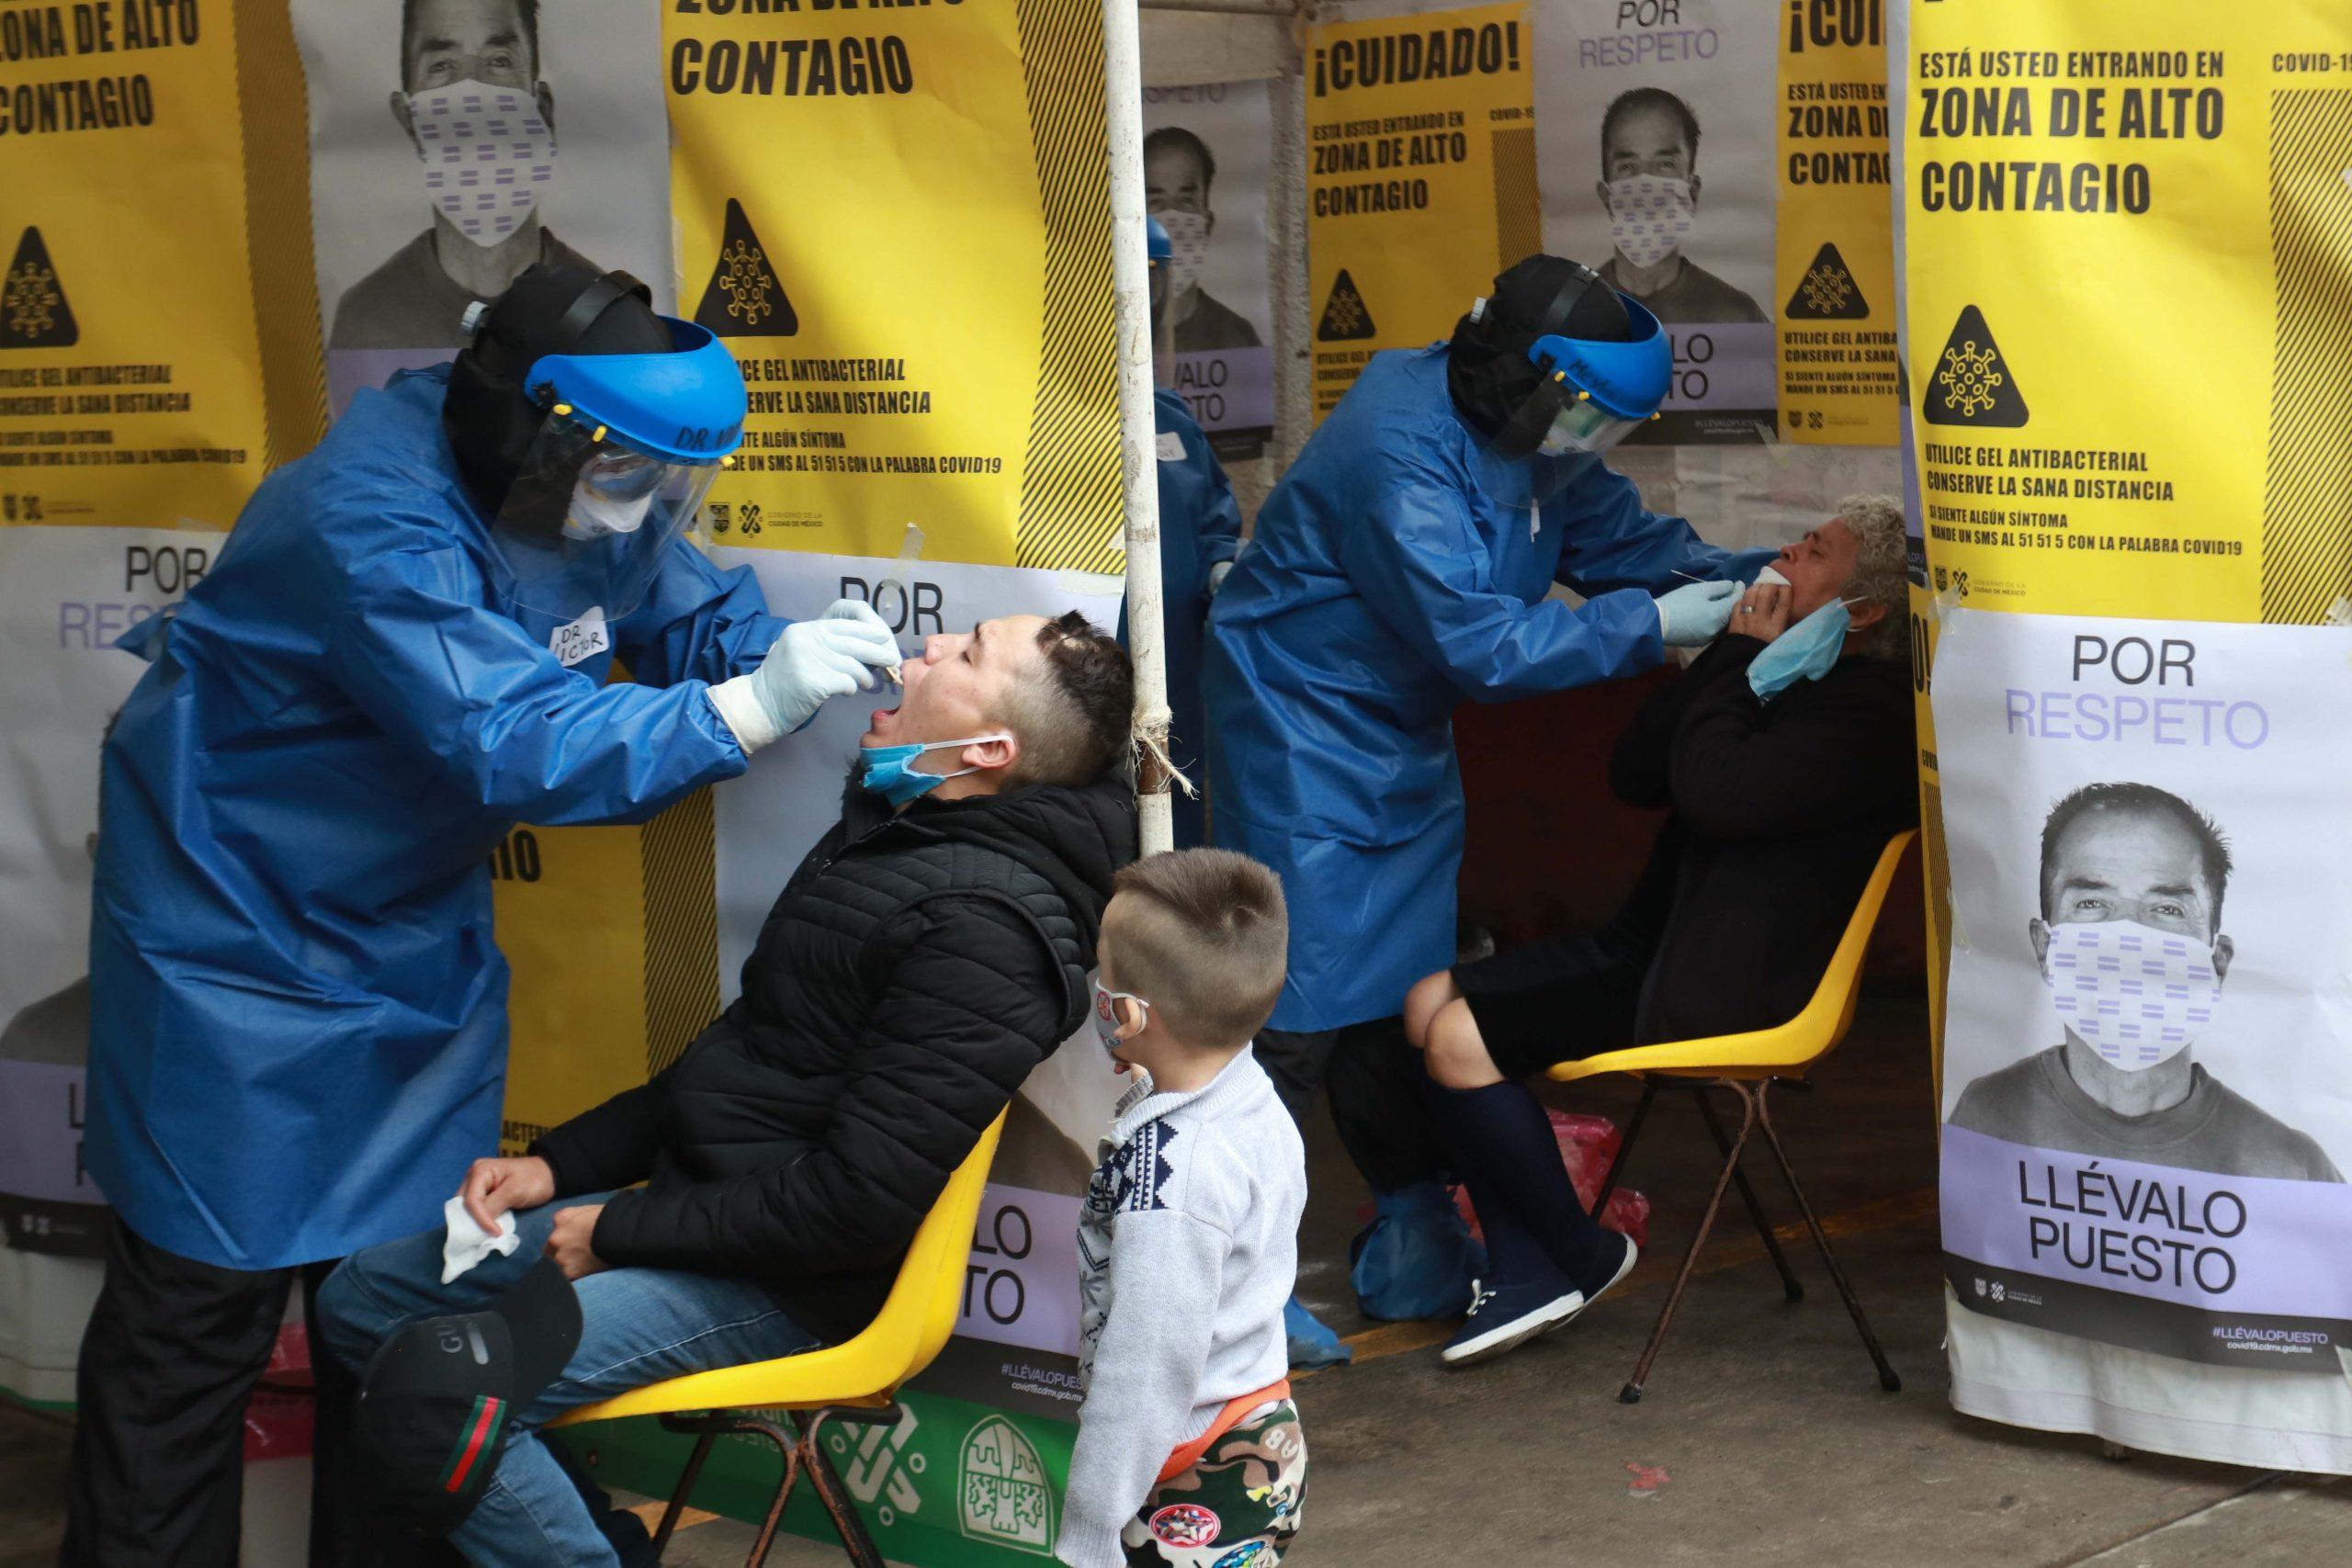 México destinará 1.659 millones de dólares para compra de vacunas contra COVID-19